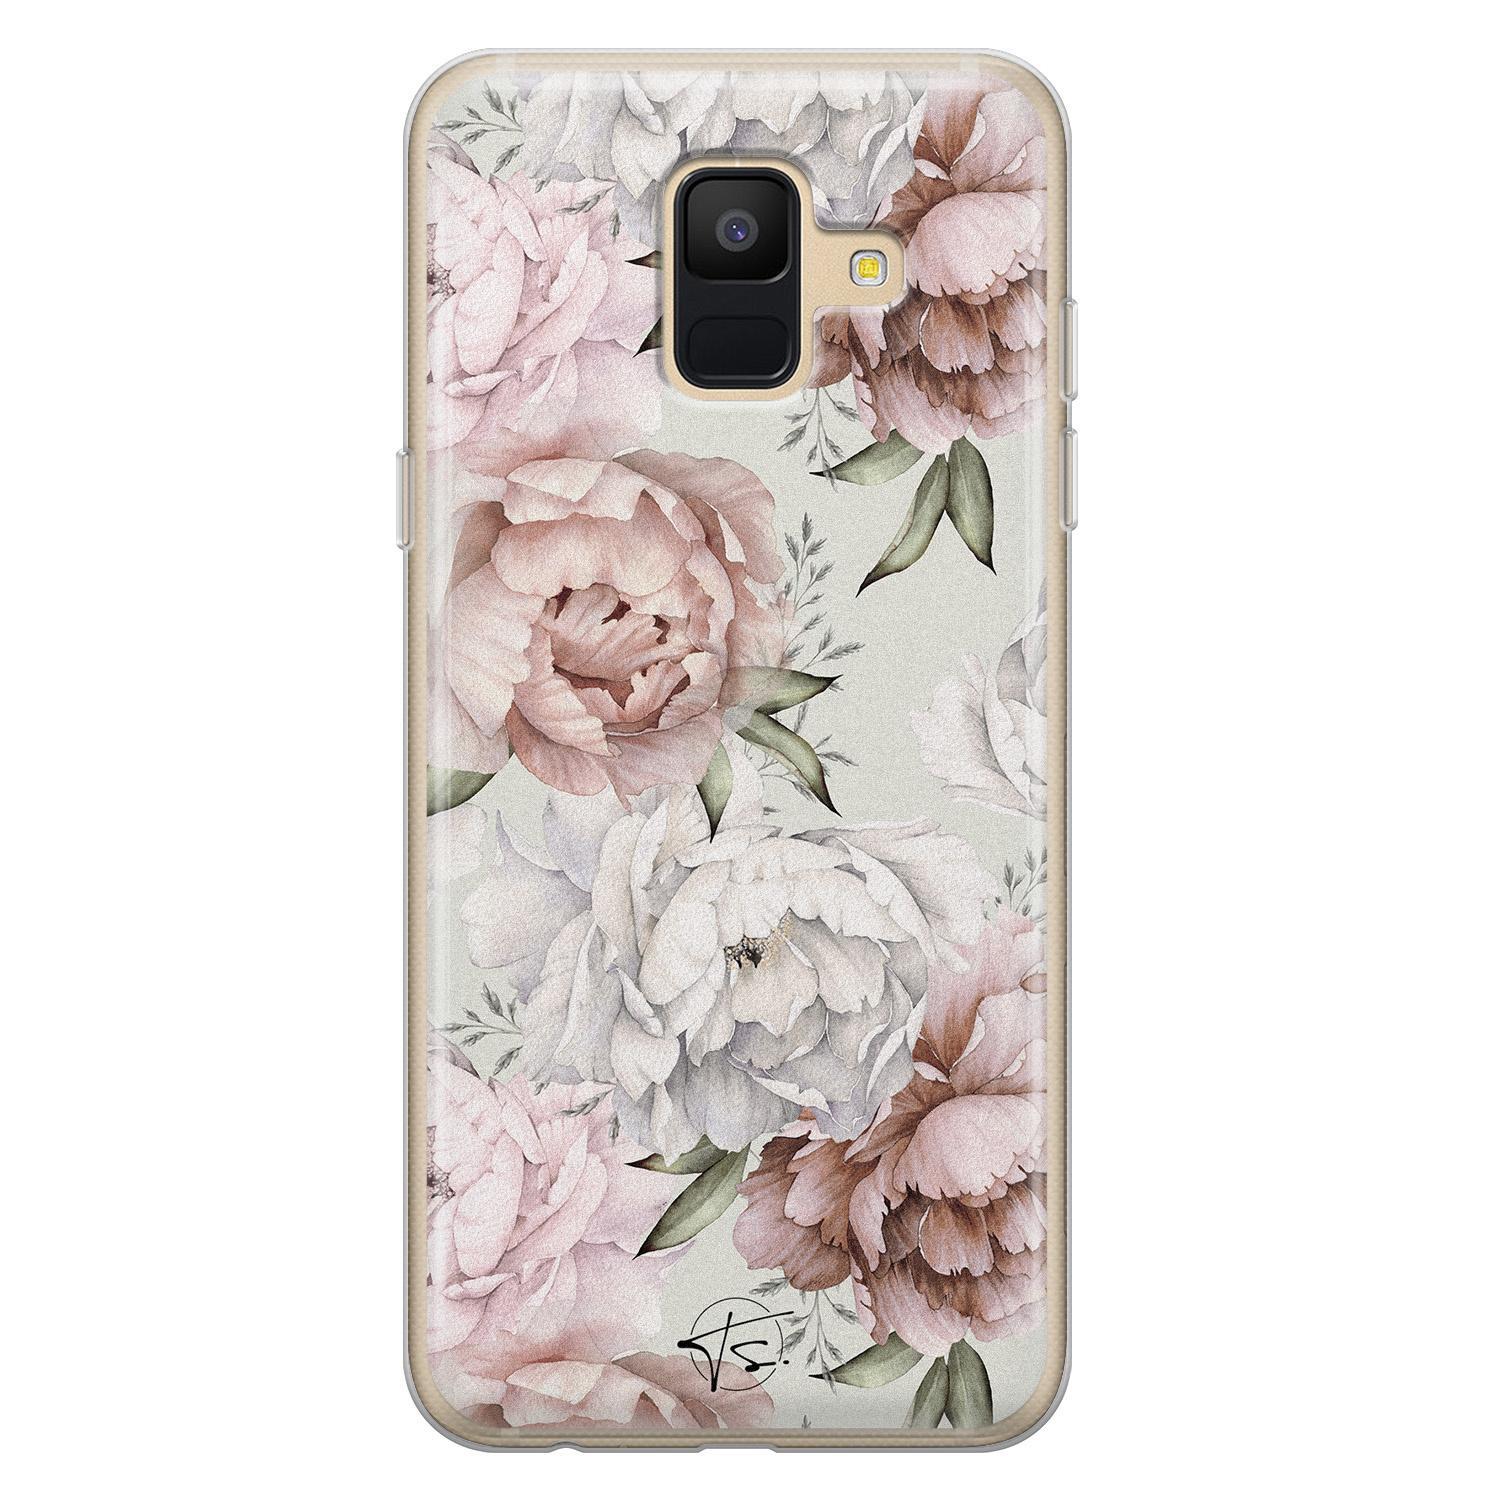 Telefoonhoesje Store Samsung Galaxy A6 2018 siliconen hoesje - Classy flowers